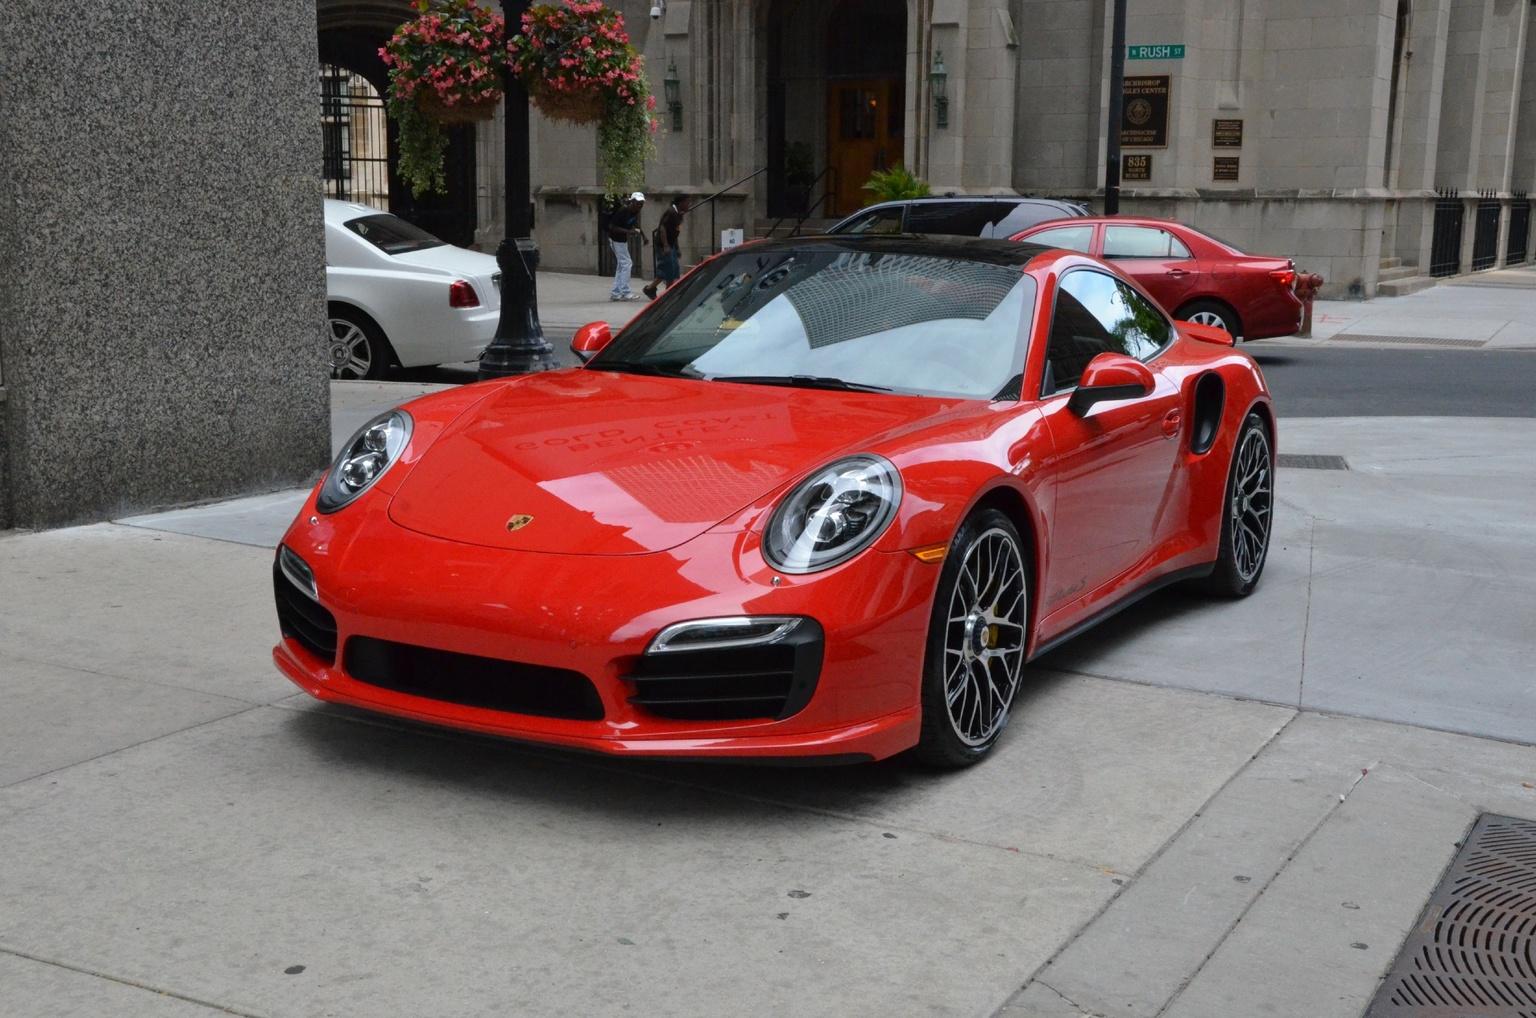 Porsche 911 Hire Manchester Bradford Luton York